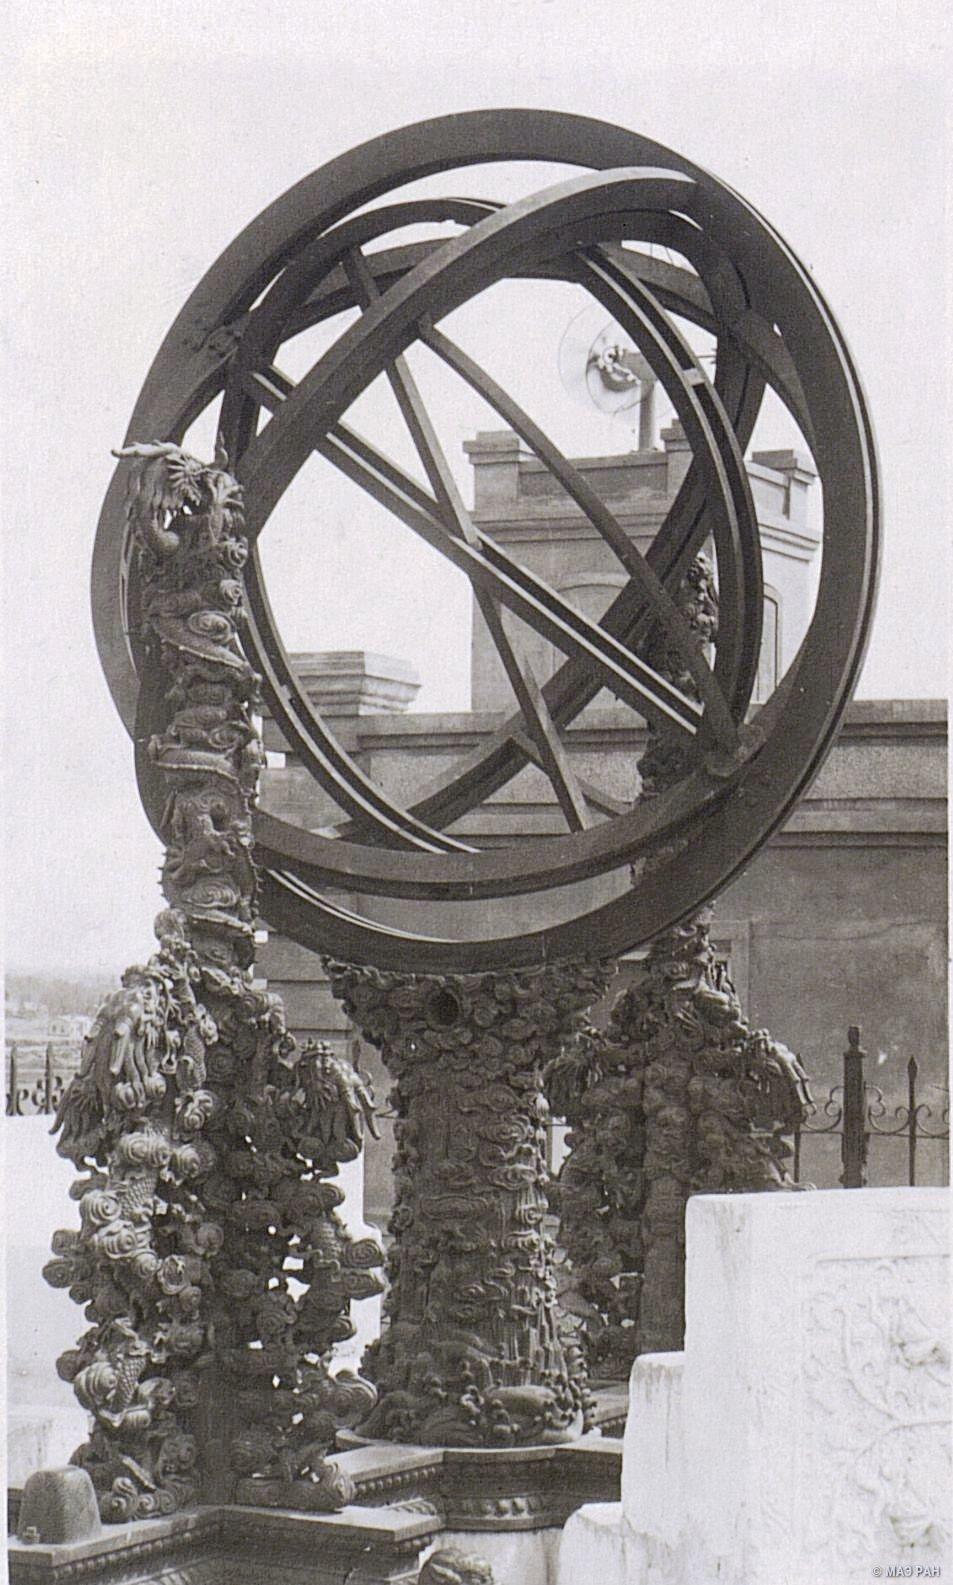 Пекинская обсерватория. Бронзовая экваториальная армиллярная сфера